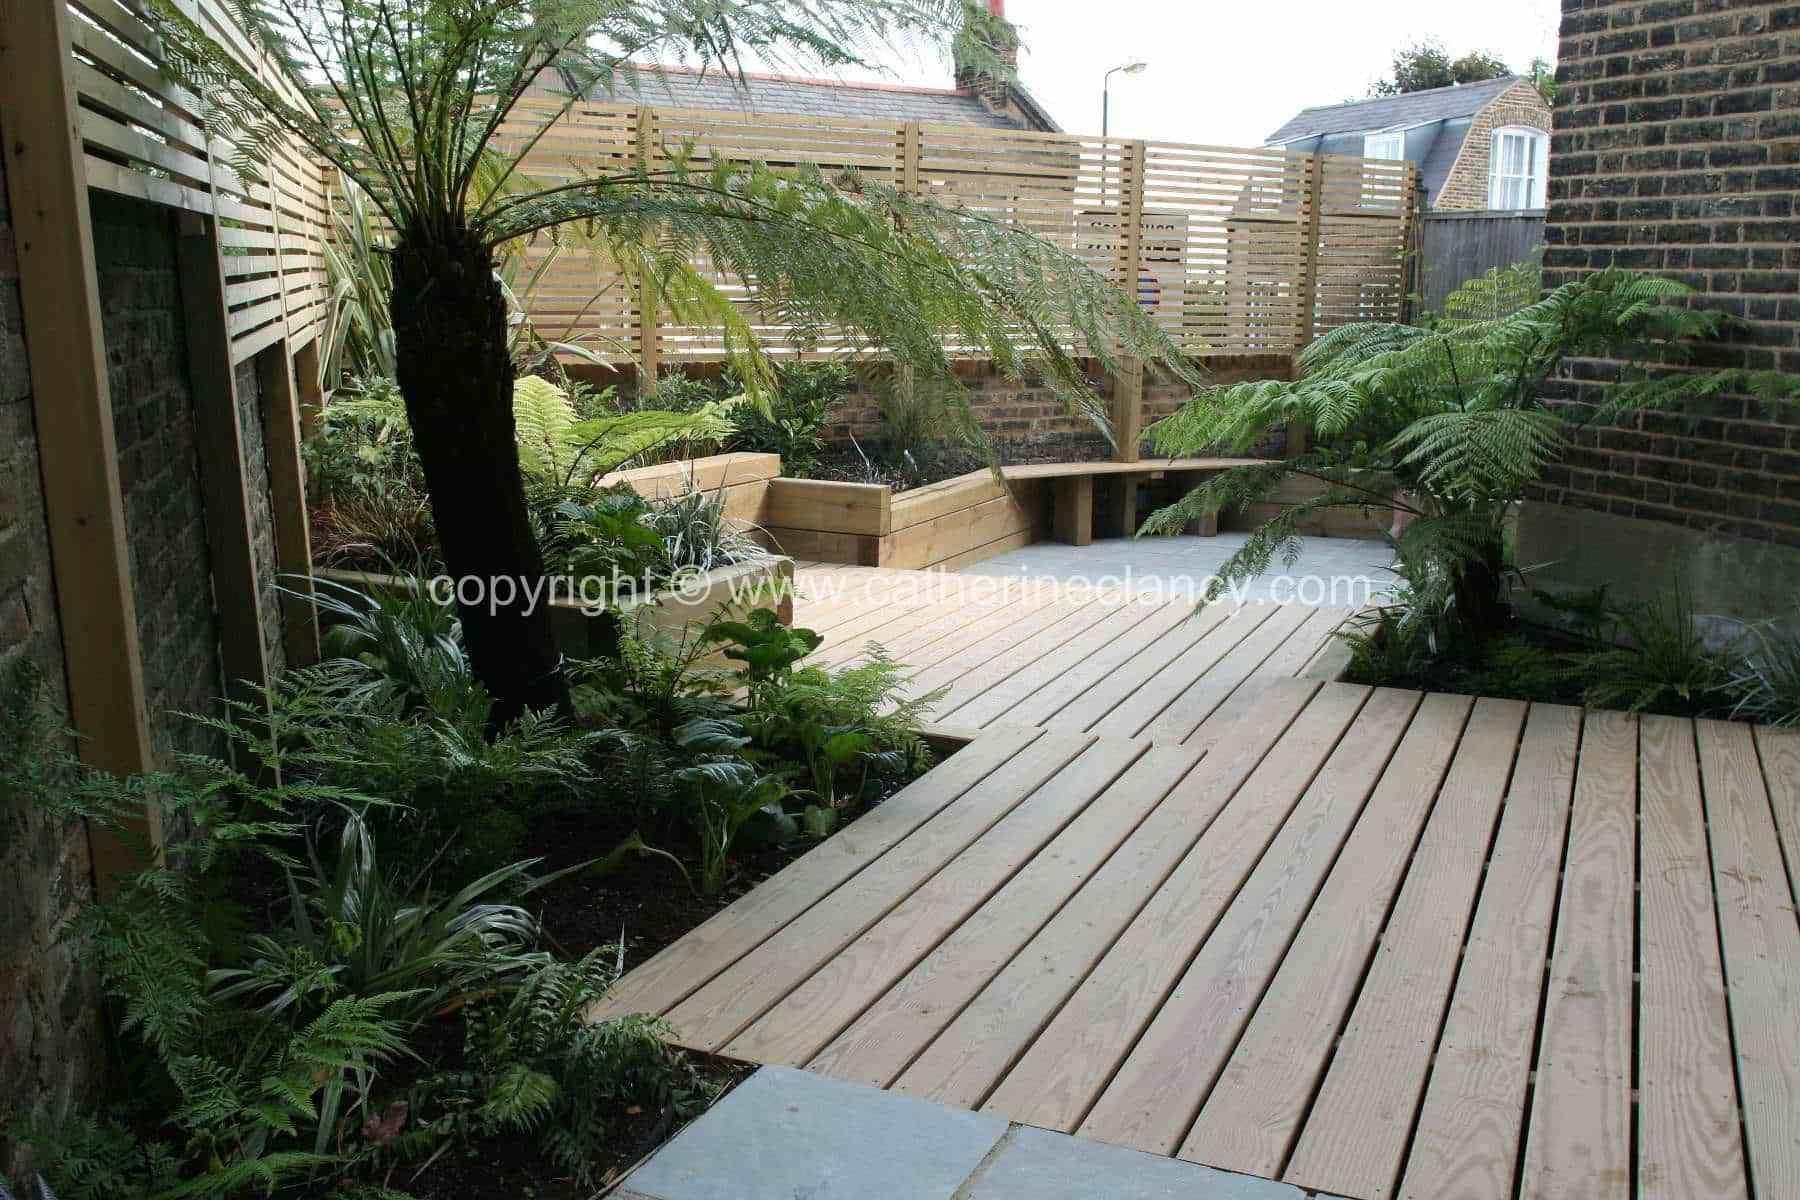 Catherine Clancy Garden Designer Based In Greenwich And Blackheath London Offers Garden Design Lighting Design Planning App Tuin Ideeen Shade Garden Tuin